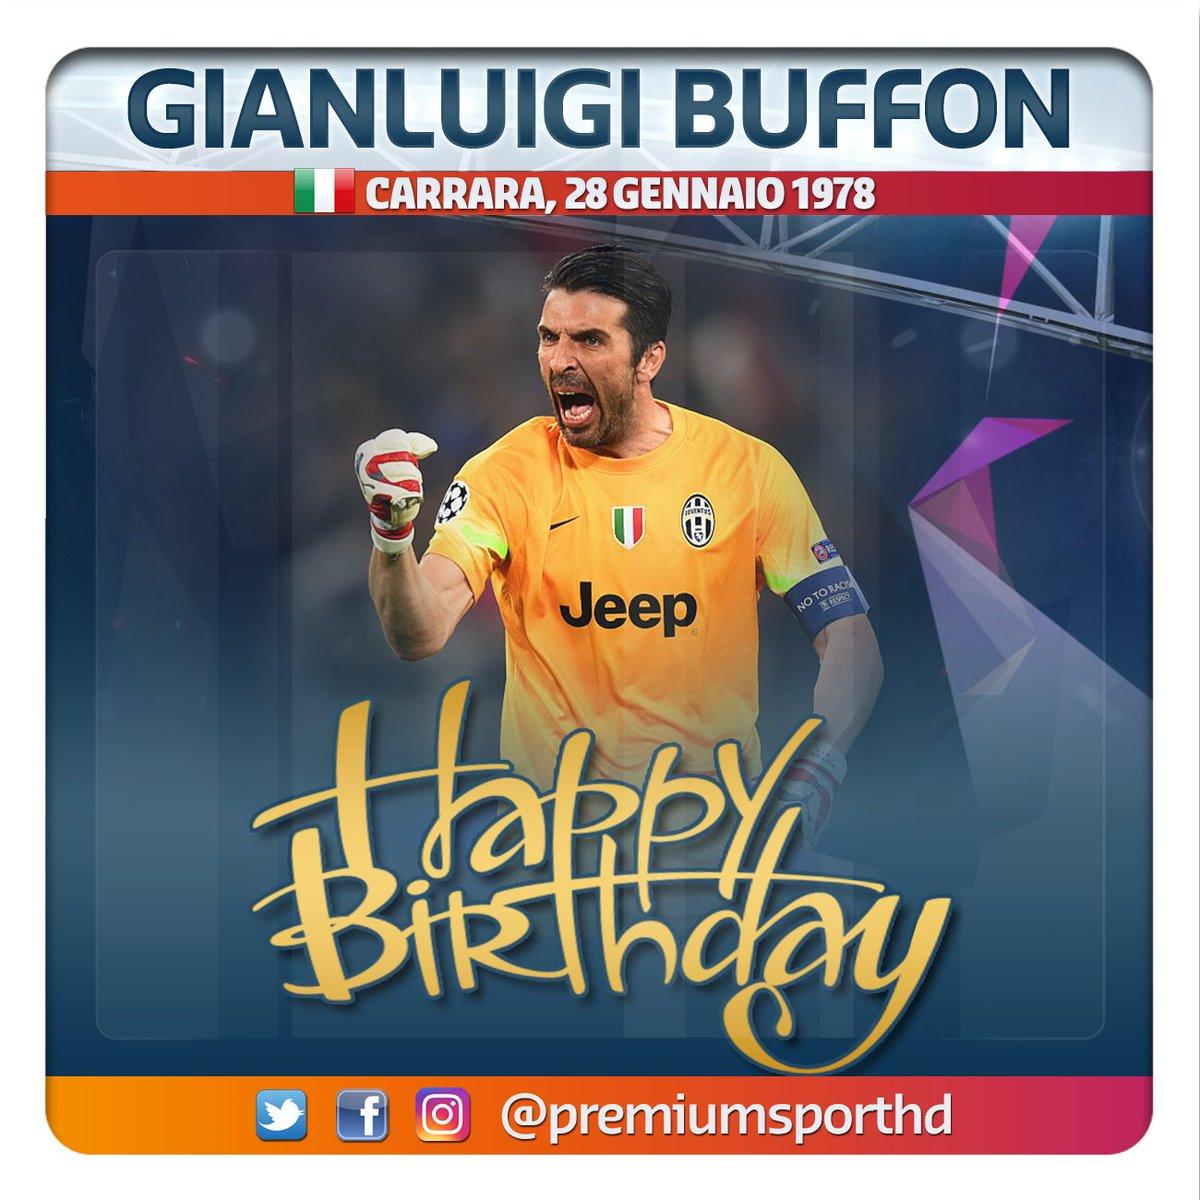 #buoncompleanno Oggi compie 40 anni #Buffon. Considerato uno dei migliori portieri di sempre, il capitano bianconero vanta 638 presenze e 8 scudetti vinti in 17 stagioni con la #Juventus. Oro Mondiale 2006 ha difeso la porta della #Nazionale in 175 partite. Auguri Gigi! 🎂